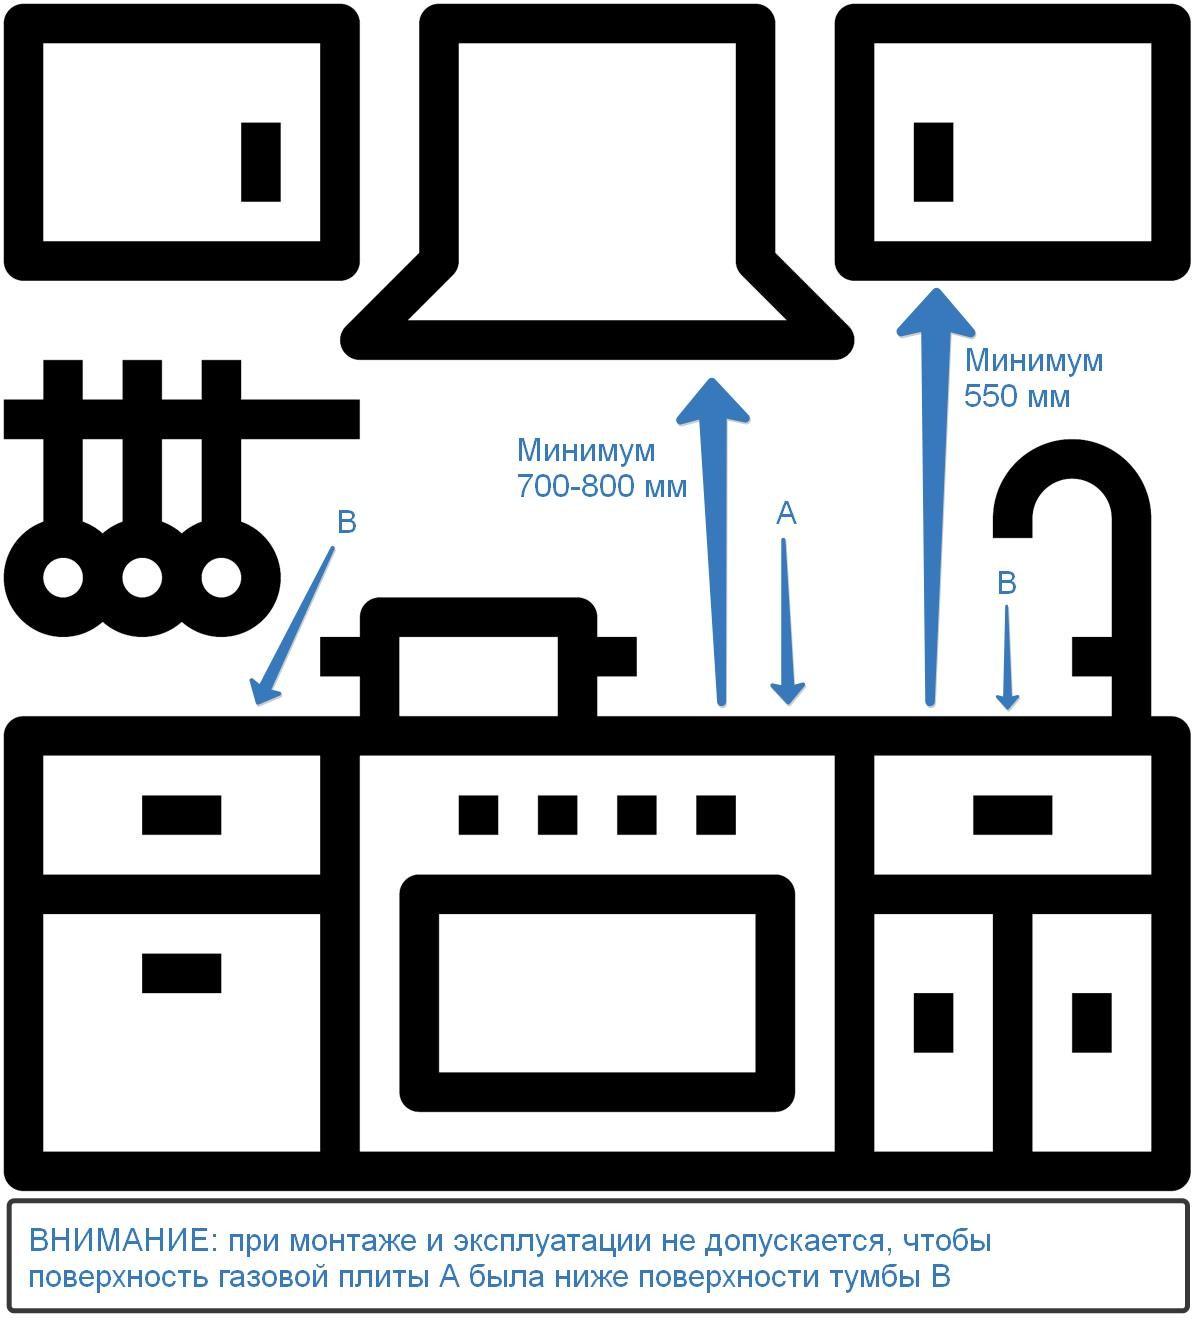 Требования к монтажу газовой плиты